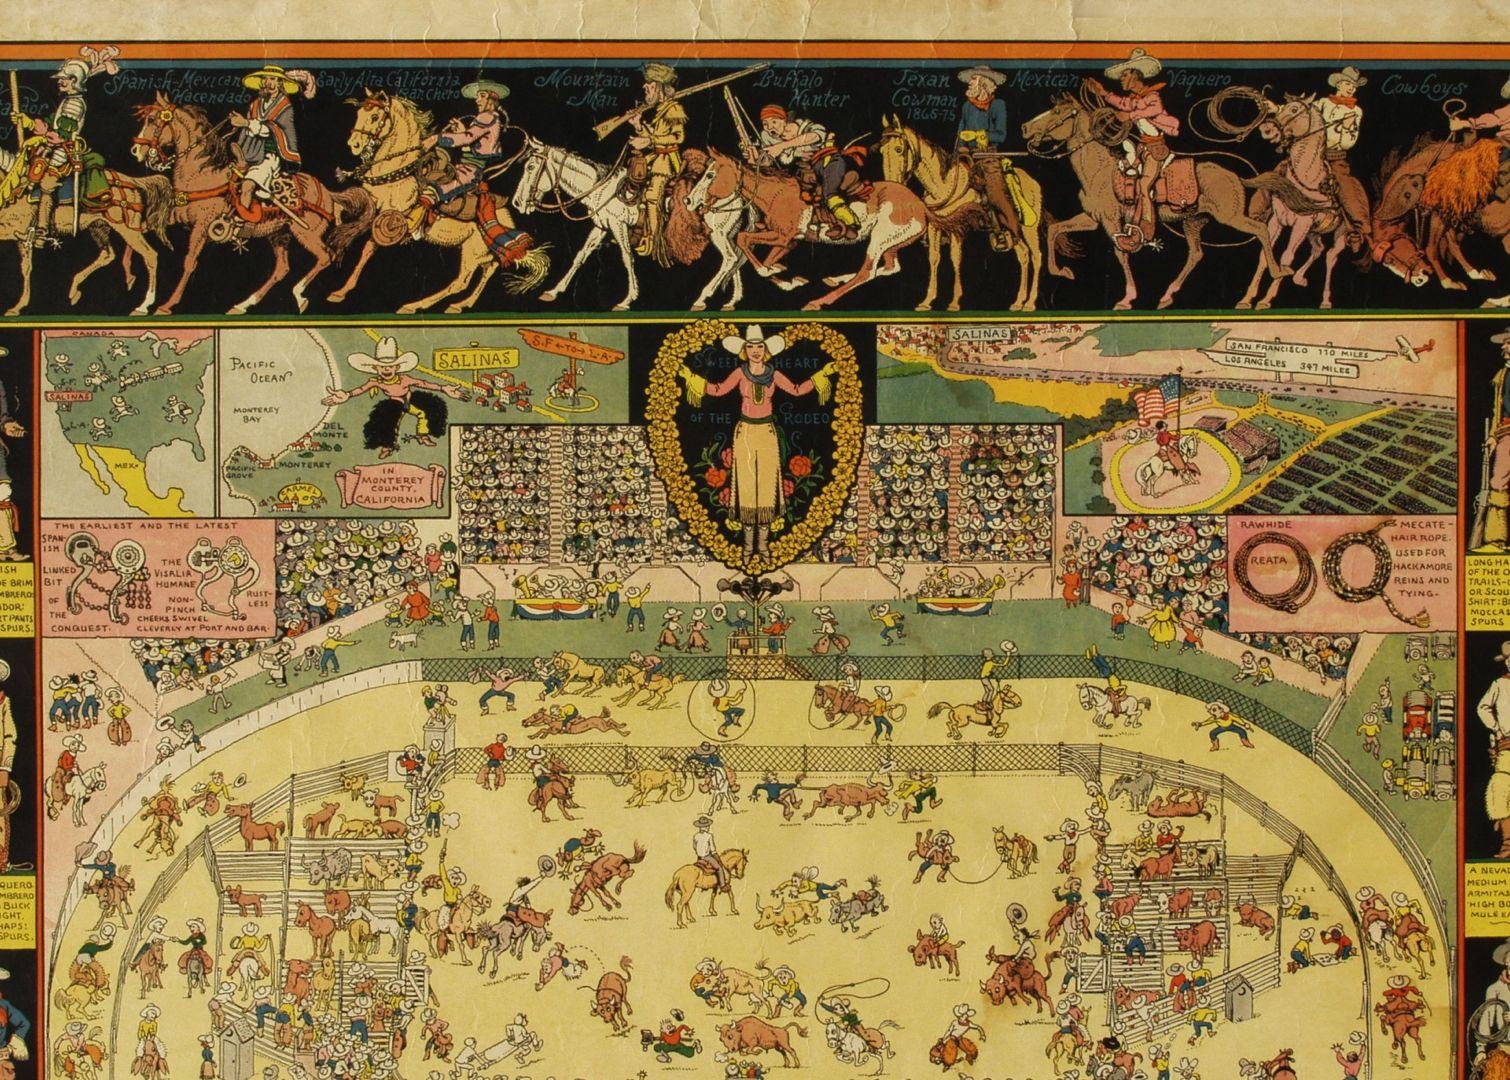 Jo Mora Original Version Evolution Of The Cowboy Collier Gallery - Jo mora los angeles map